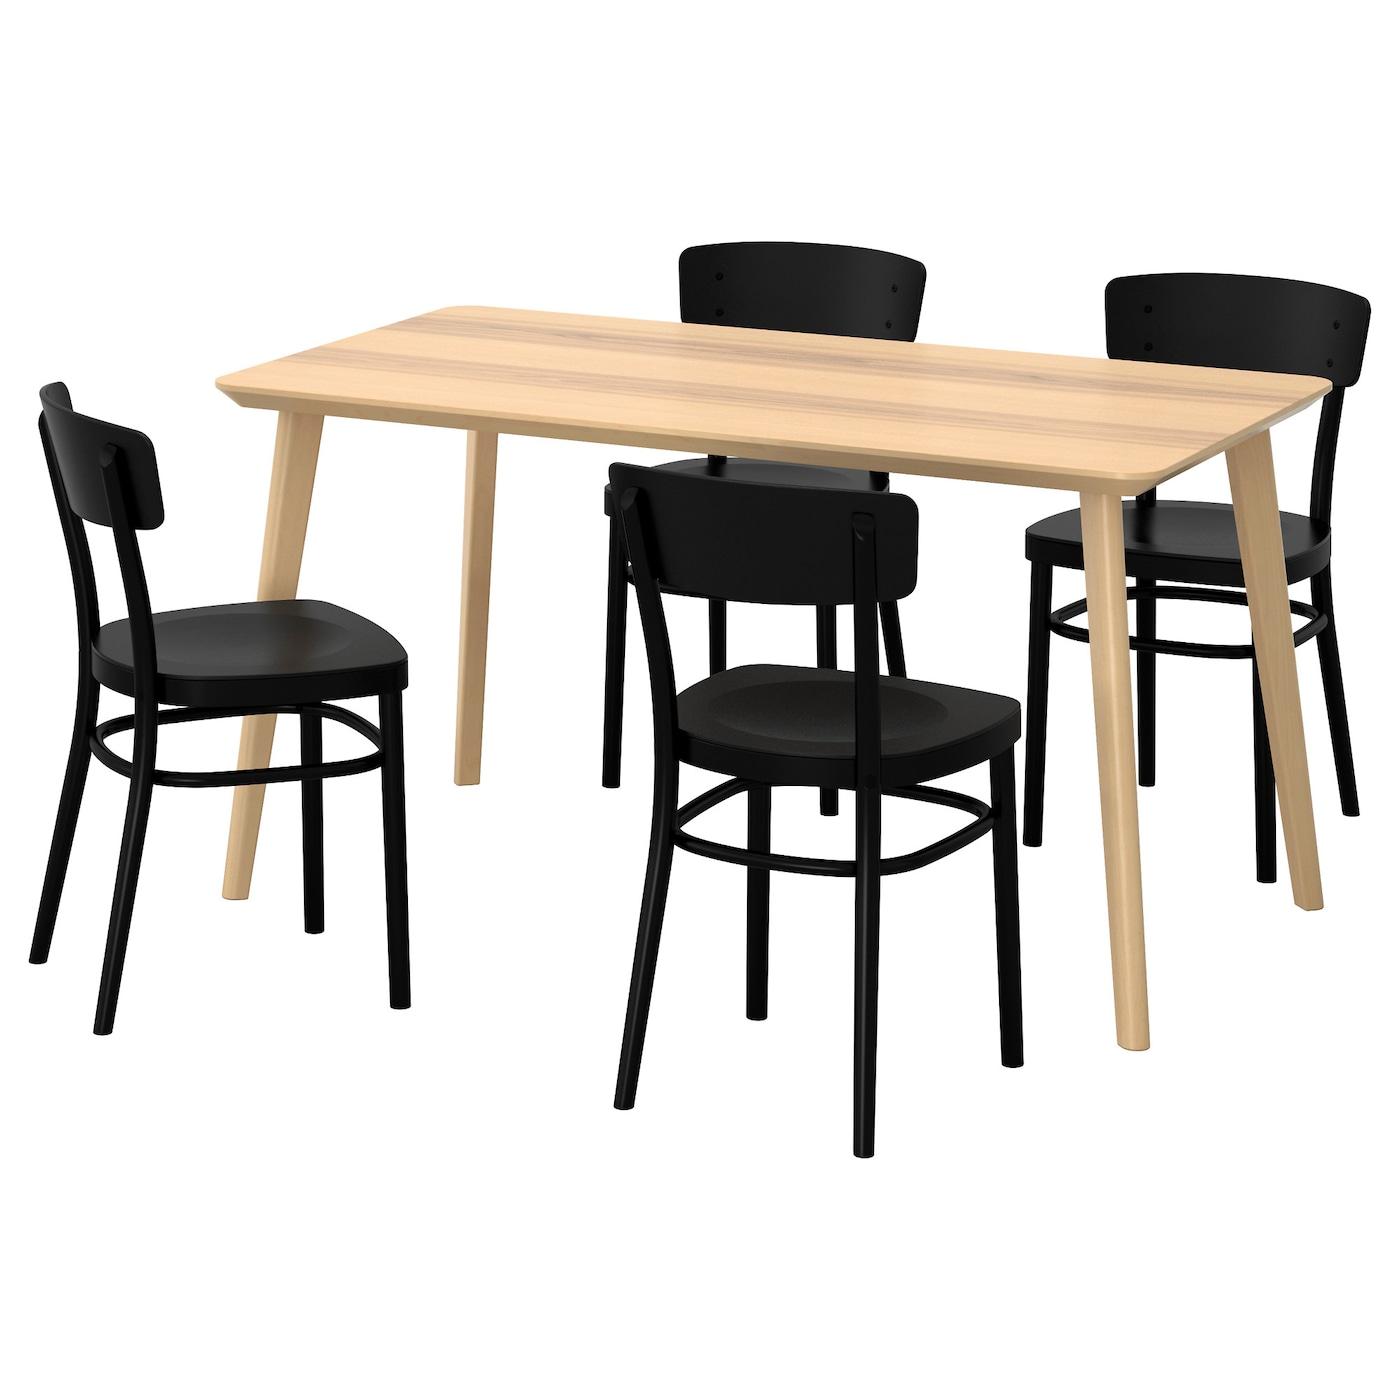 LISABO / IDOLF, Tisch und 4 Stühle, Eschenfurnier, schwarz 991.614.85